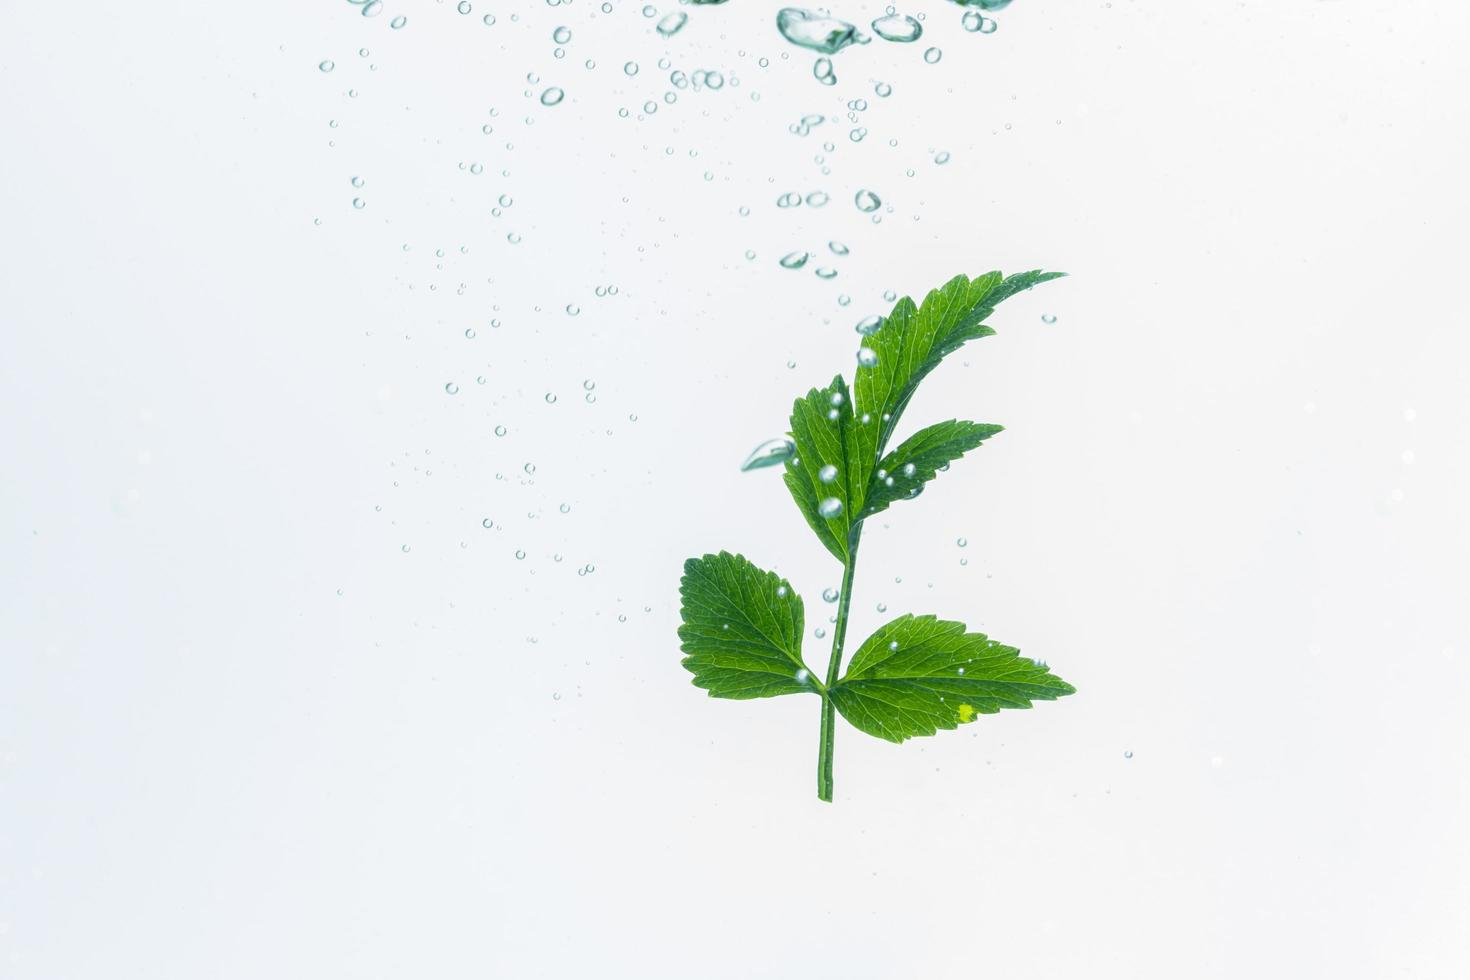 plante verte et bulles dans l'eau photo